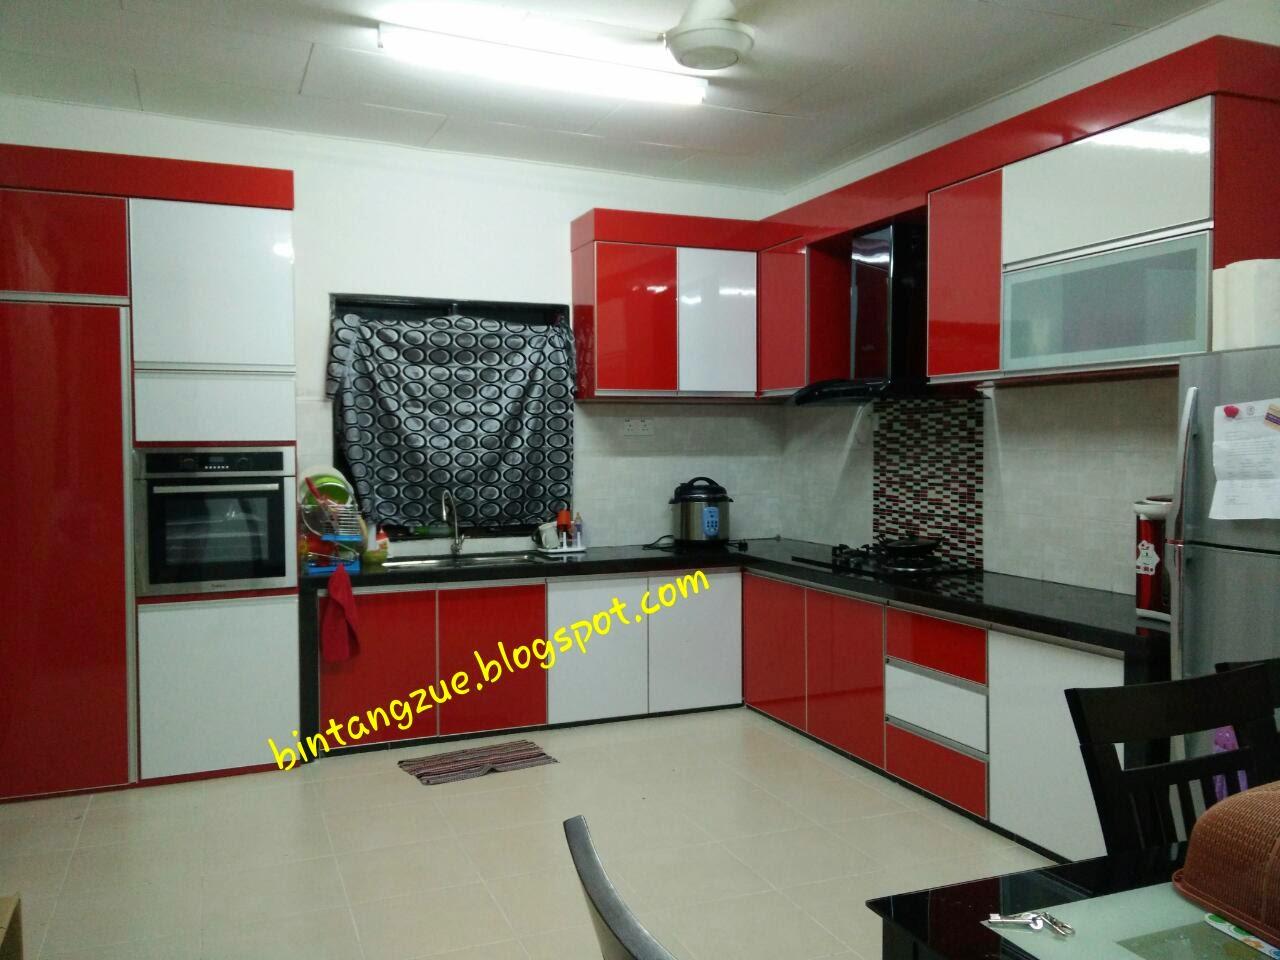 Kabinet Dapur Ku Merah Putih Hitam A Nak Update Gambar Yang Dah Siap Sangat Hy Tunggu Cuti Jahit Langsir